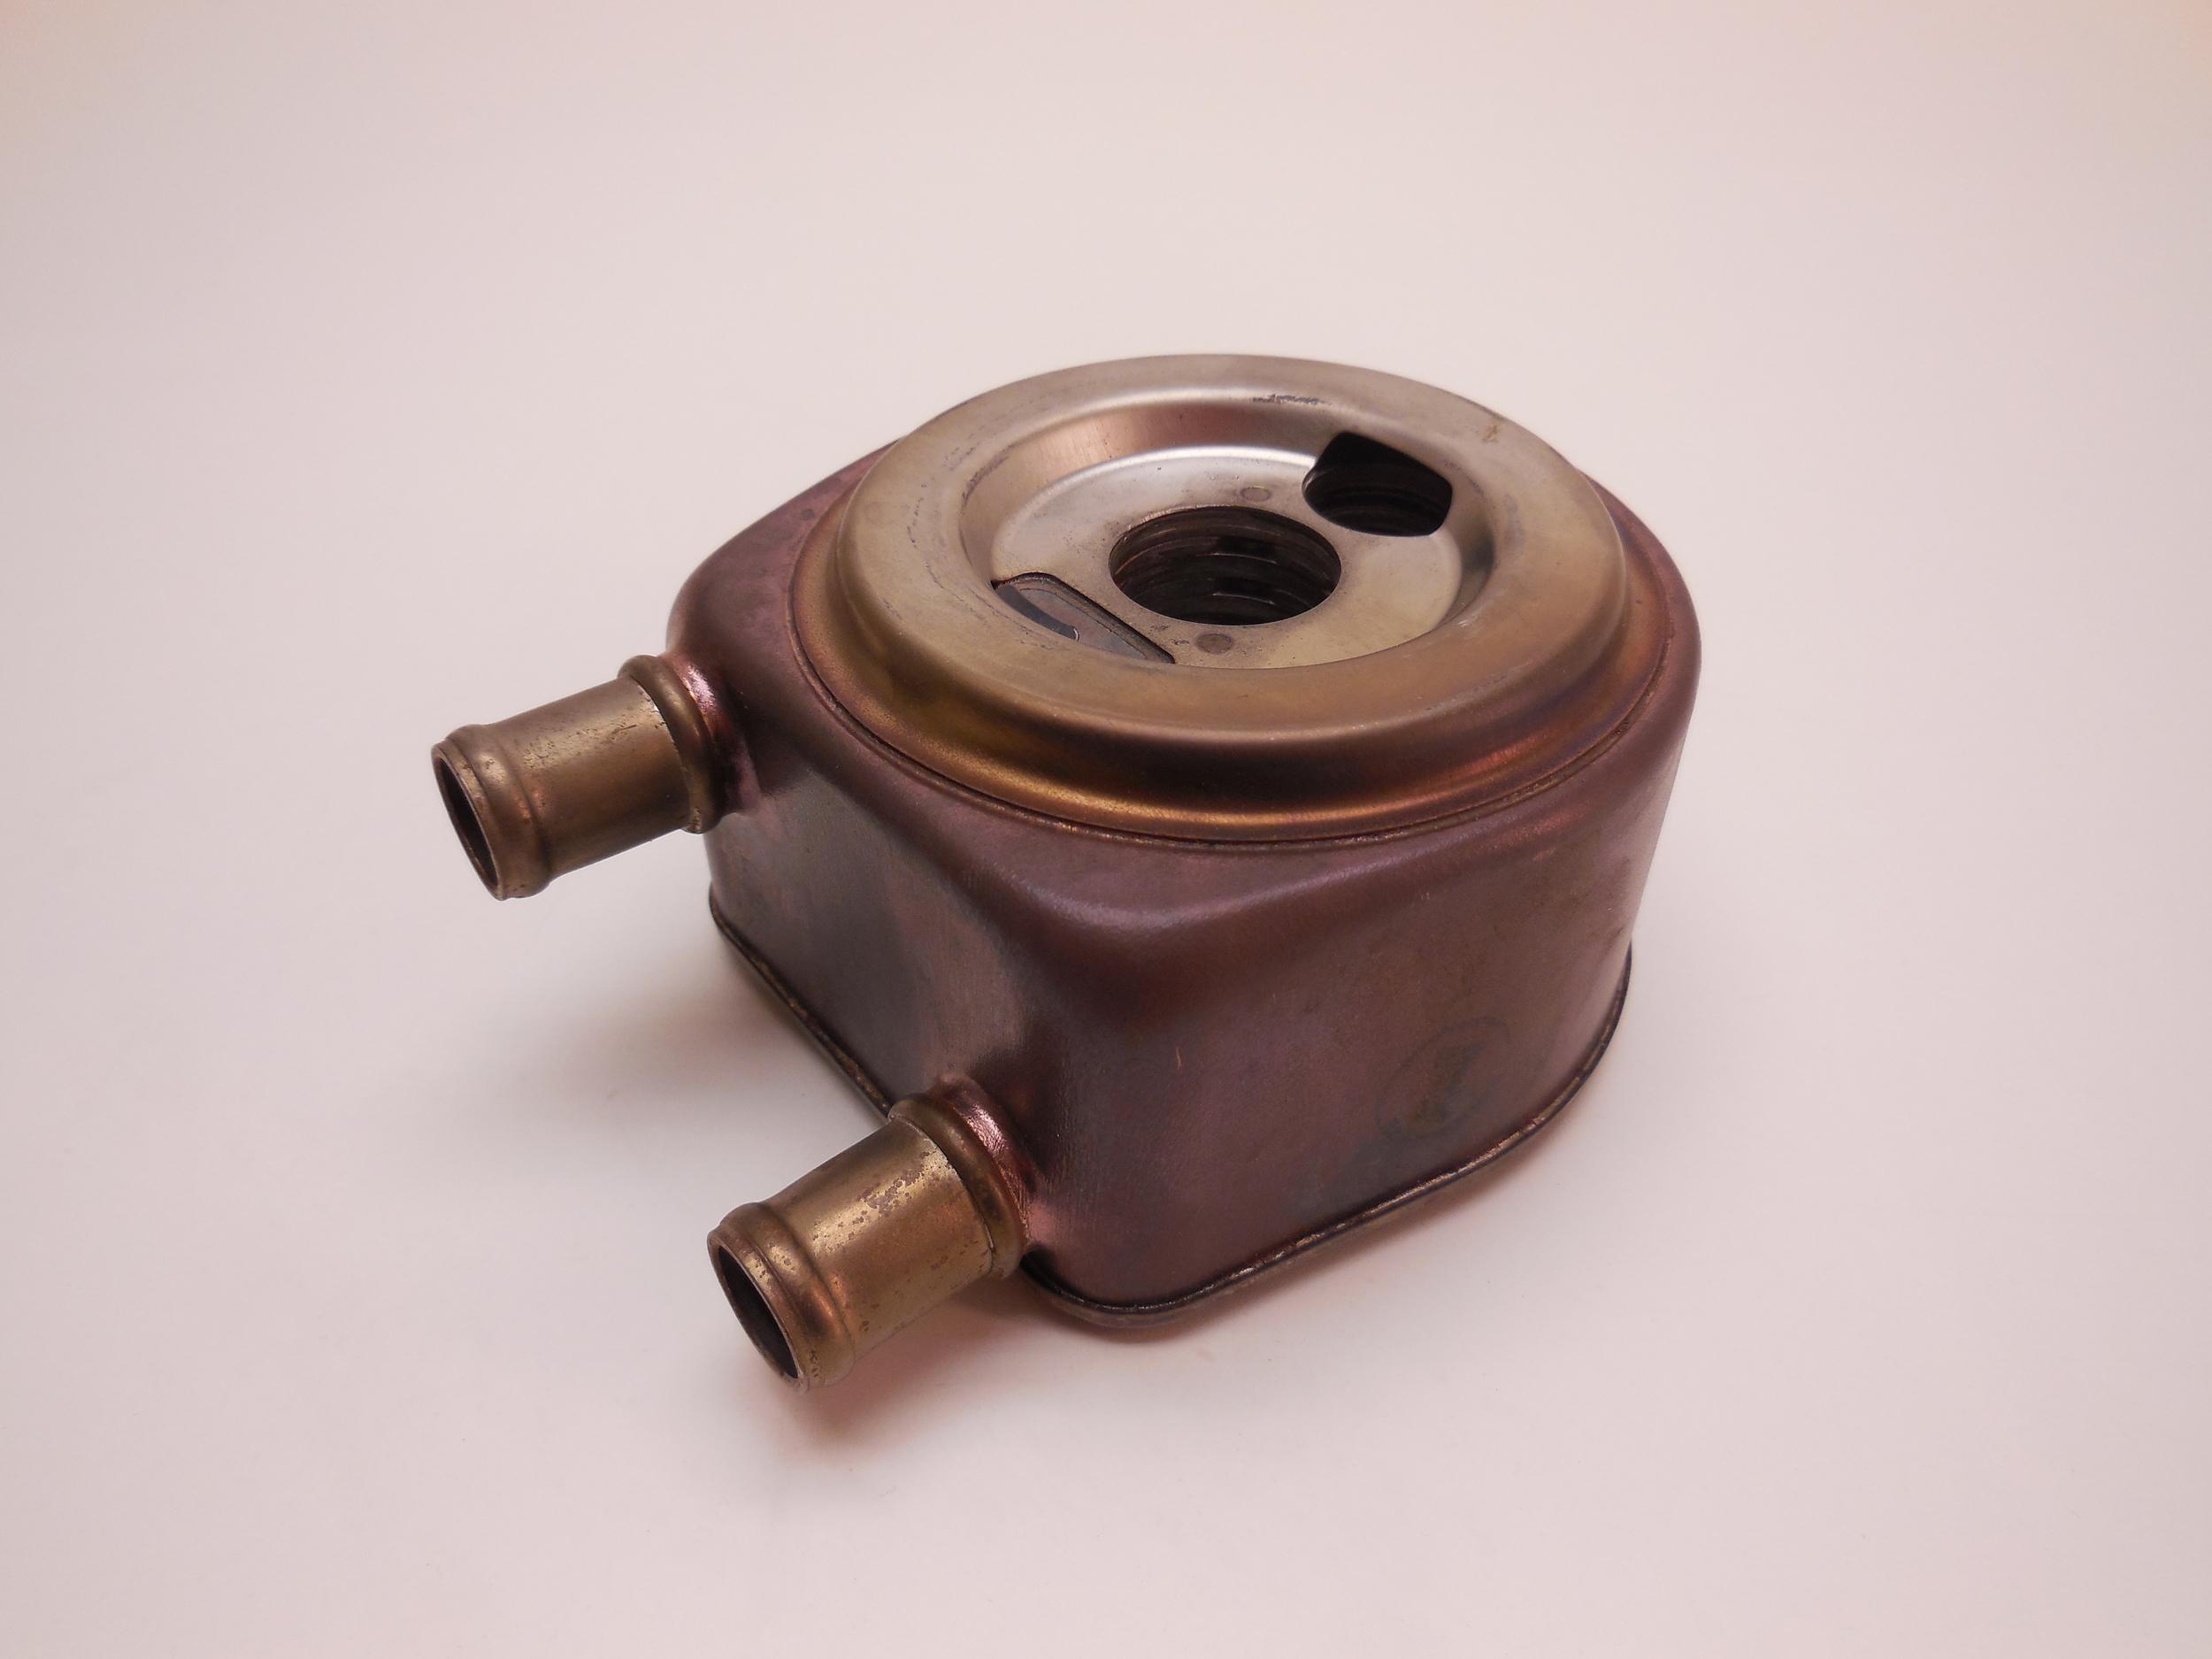 oil cooler Häggo Nr: 3573 4111-296 price: